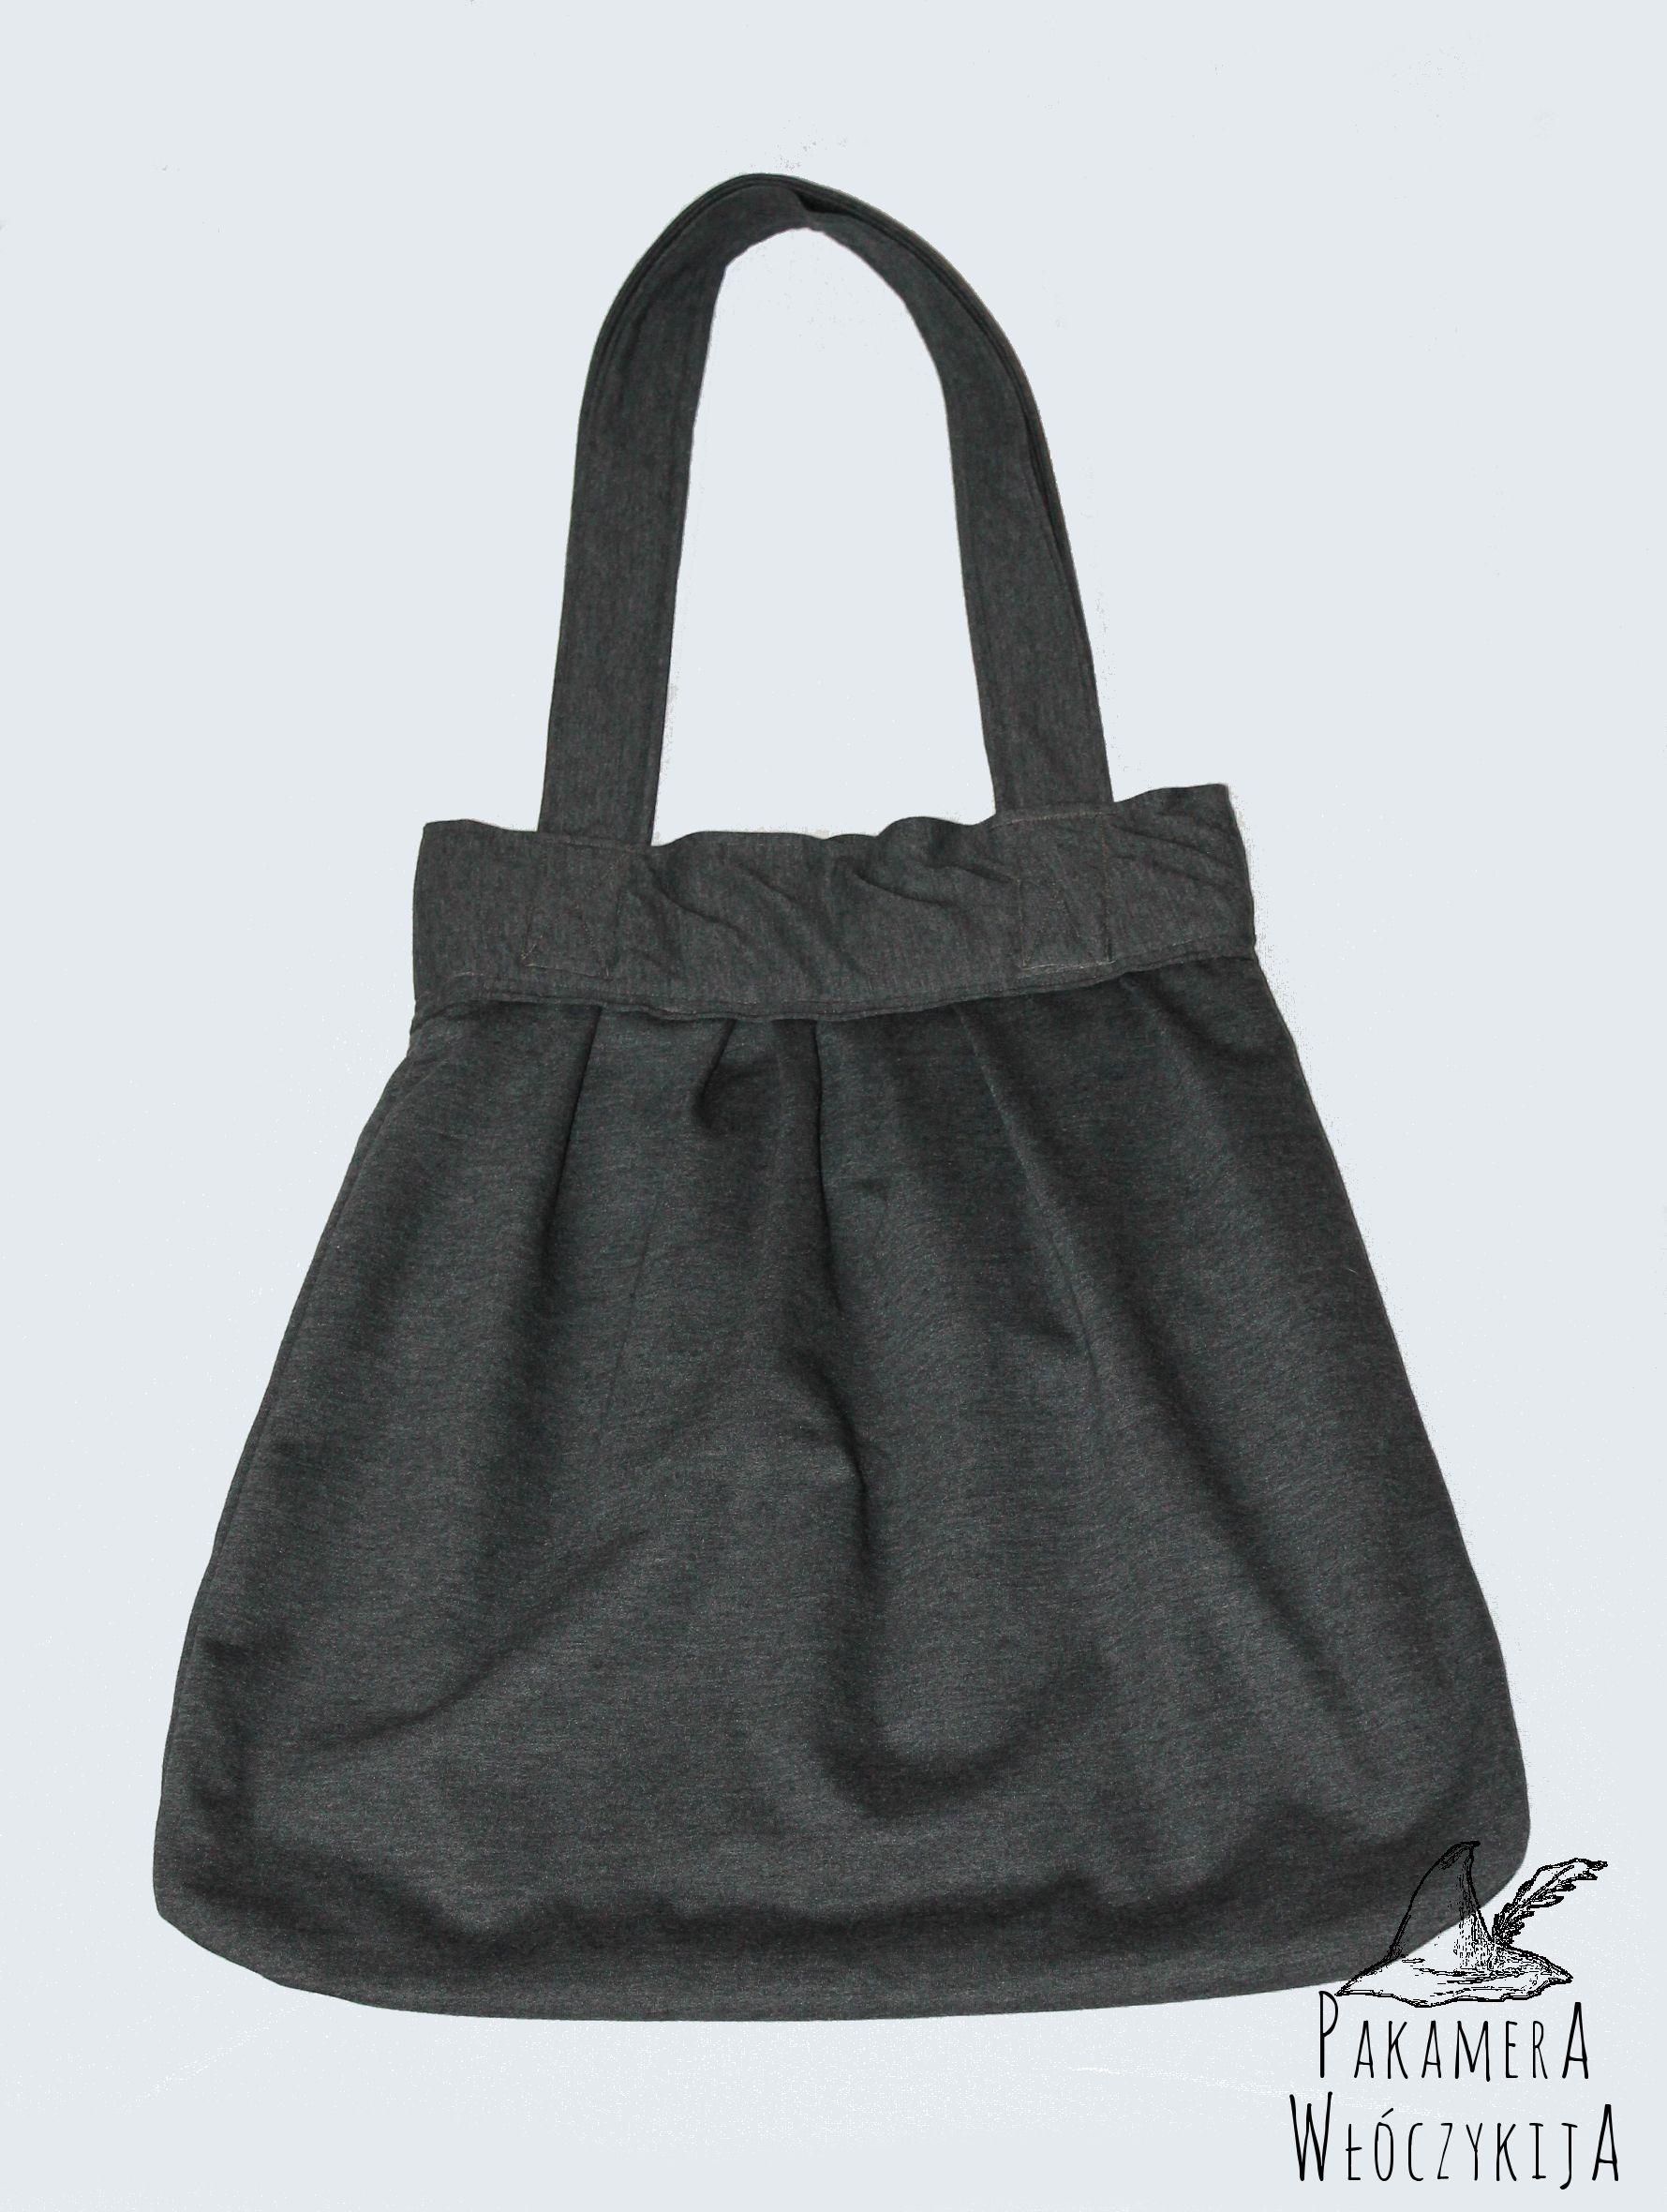 Duża, pojemna torba dwustronna - wersja elegancka ;)  http://pakamera.wix.com/pakamera-wloczykija#!przepastna-torba/c20pq